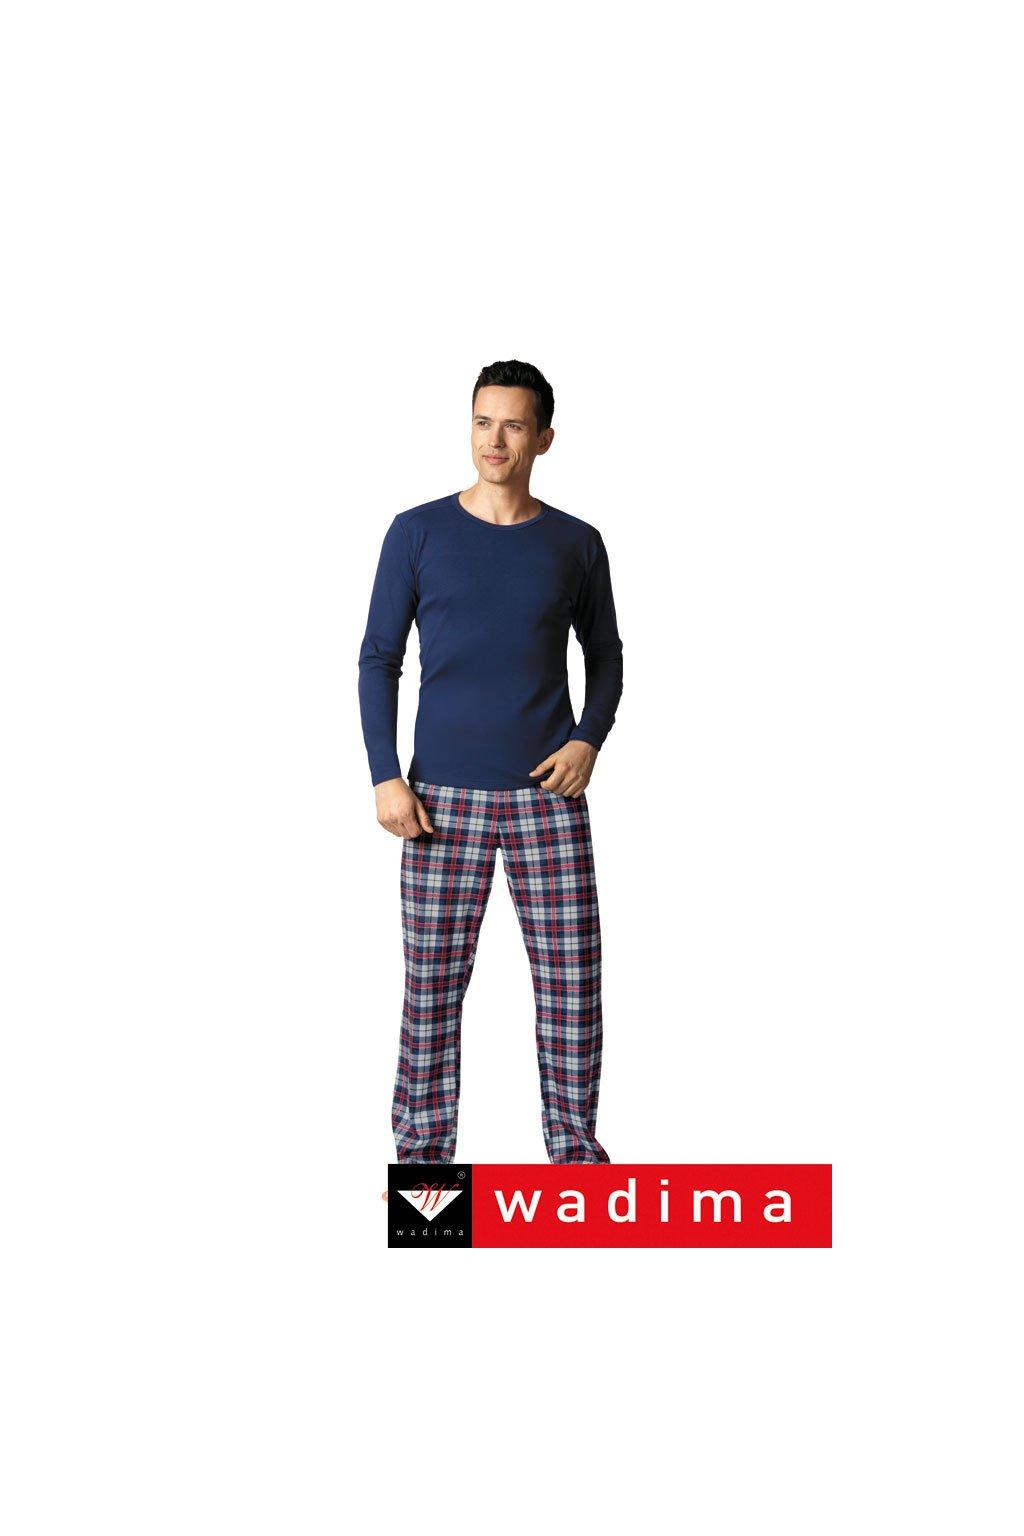 Pánské pyžamové triko, 20481 163, tmavě modrá